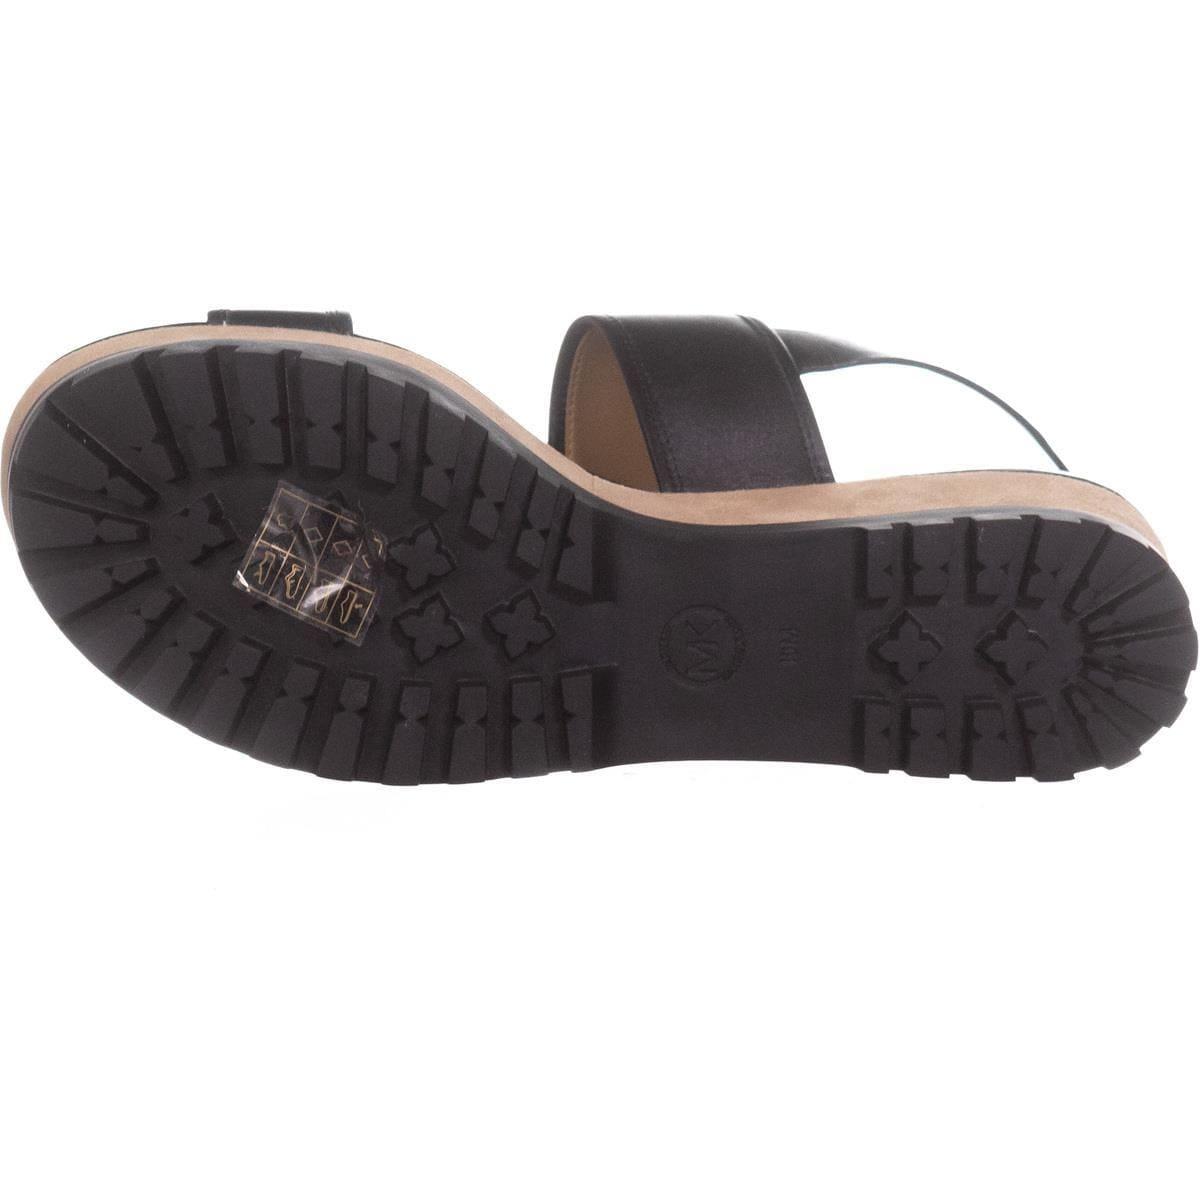 e9f2ad9ac6c MICHAEL Michael Kors Gillian Mid Wedge Platform Sandals, Black - 10 US / 41  EU